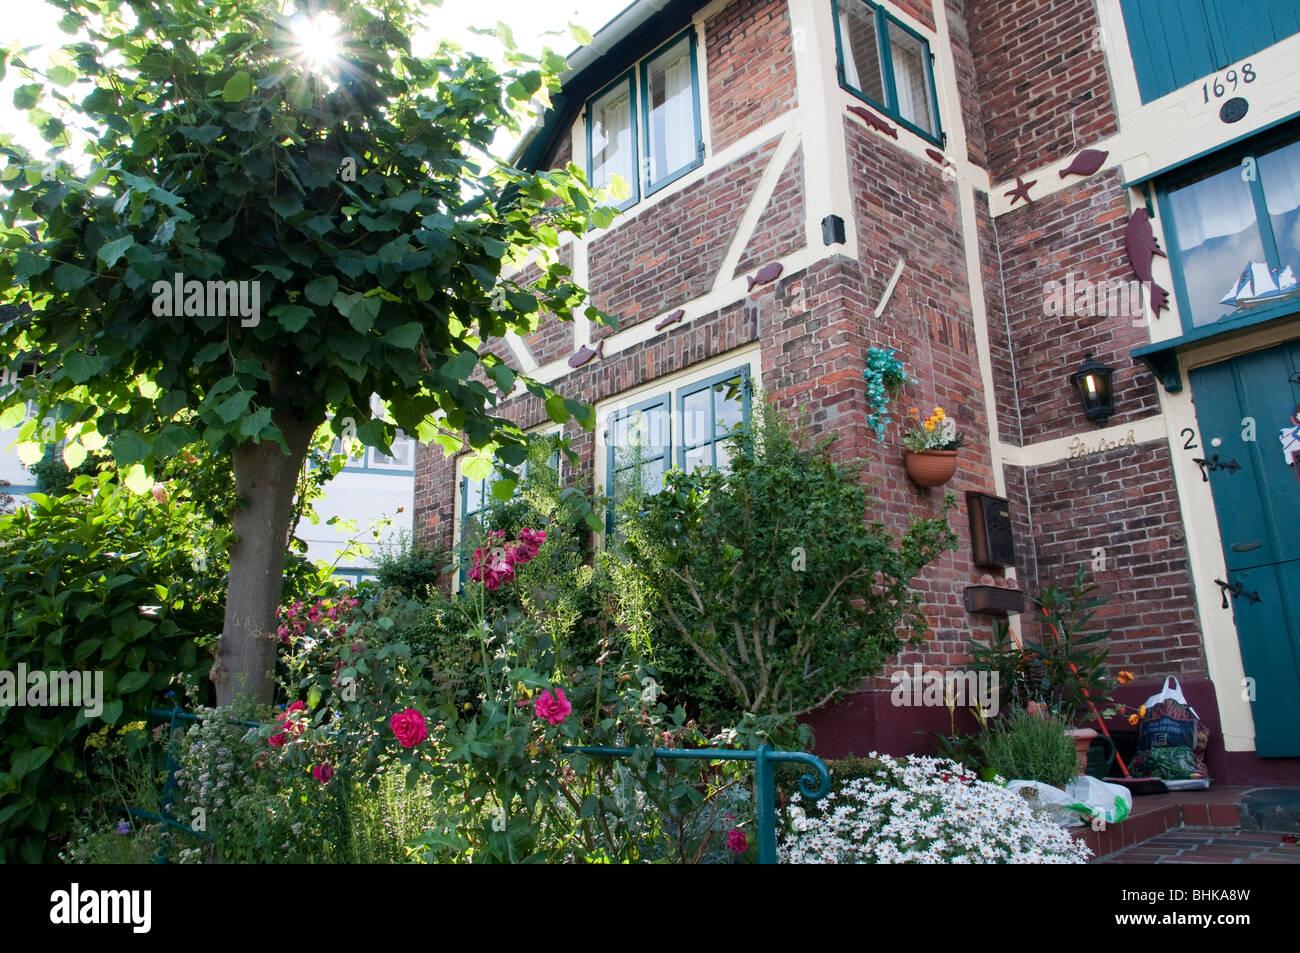 Haus, Blankenese, Hamburg, Deutschland   house, Blankenese, Hamburg, Germany - Stock Image